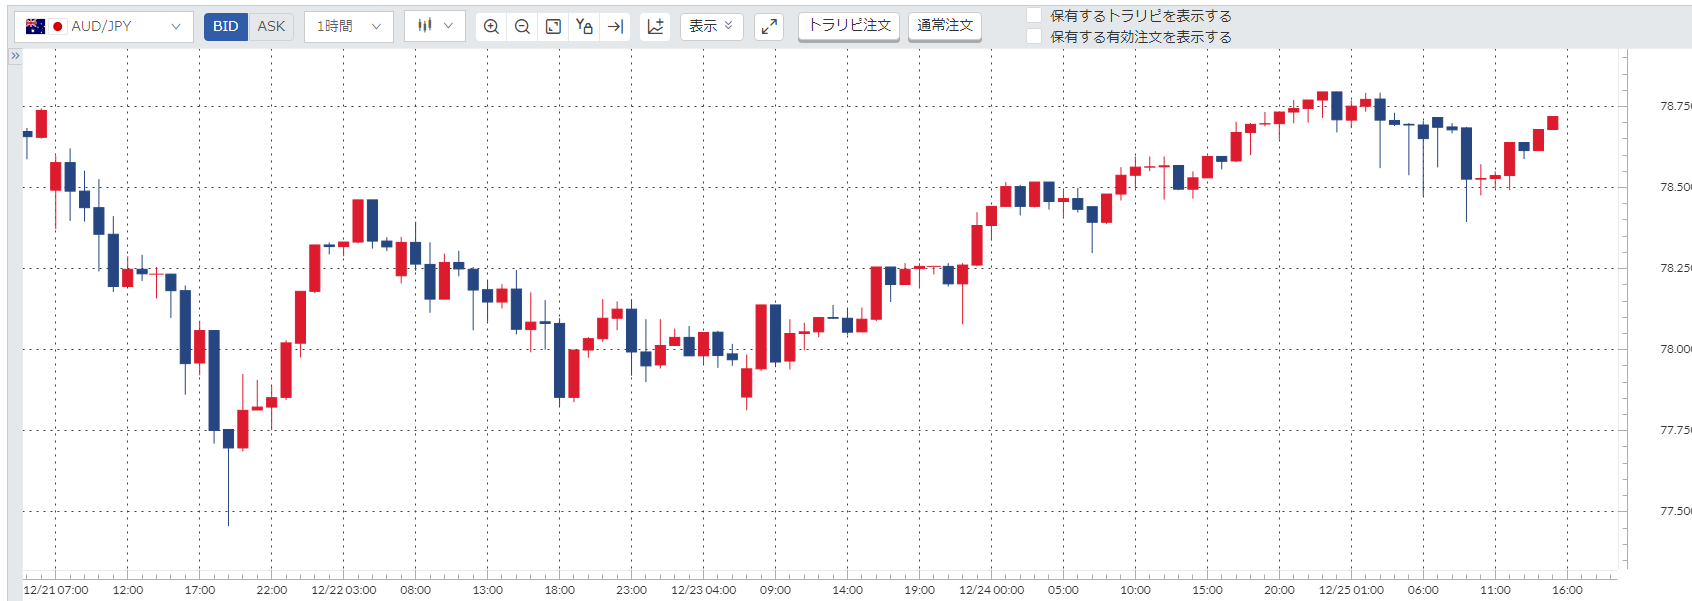 豪ドル円(AUD/JPY)週間チャート_20201221-20201225